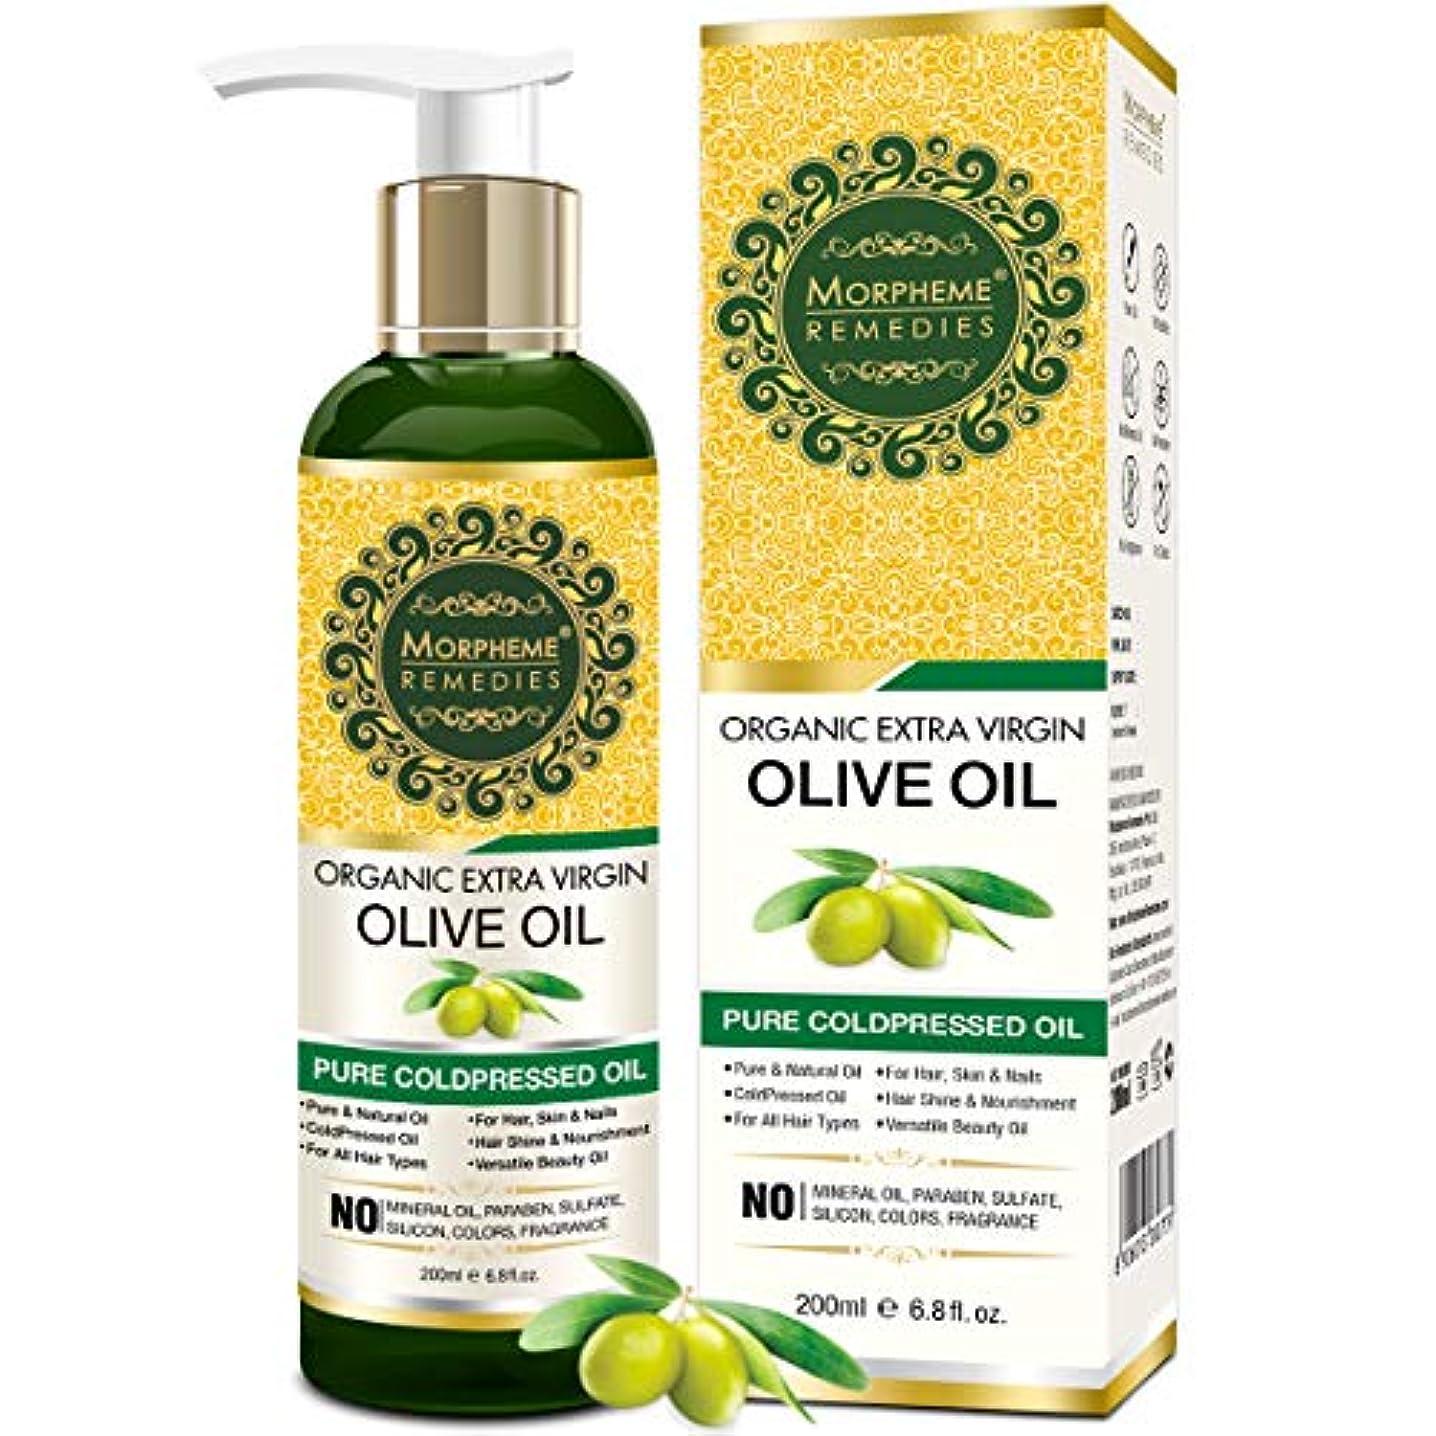 ハンドブックスパントリッキーMorpheme Remedies Organic Extra Virgin Olive Oil (Pure ColdPressed Oil) For Hair, Body, Skin Care, Massage, Eyelashes...